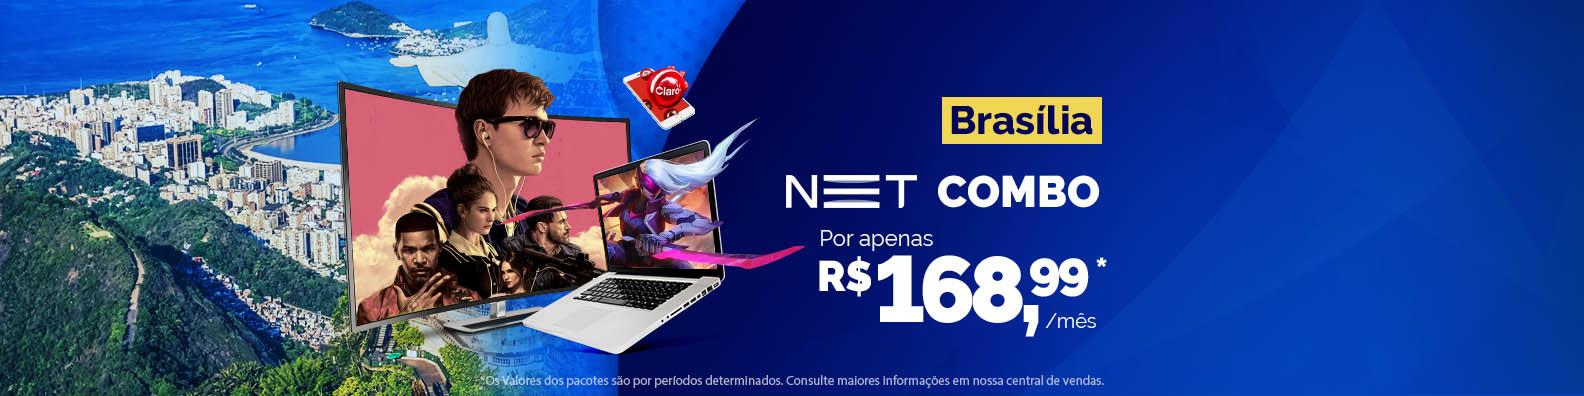 combomultinet net virtua 35 mega mais de 150 canais e net fone por apenas 179 nos 3 primeiros meses